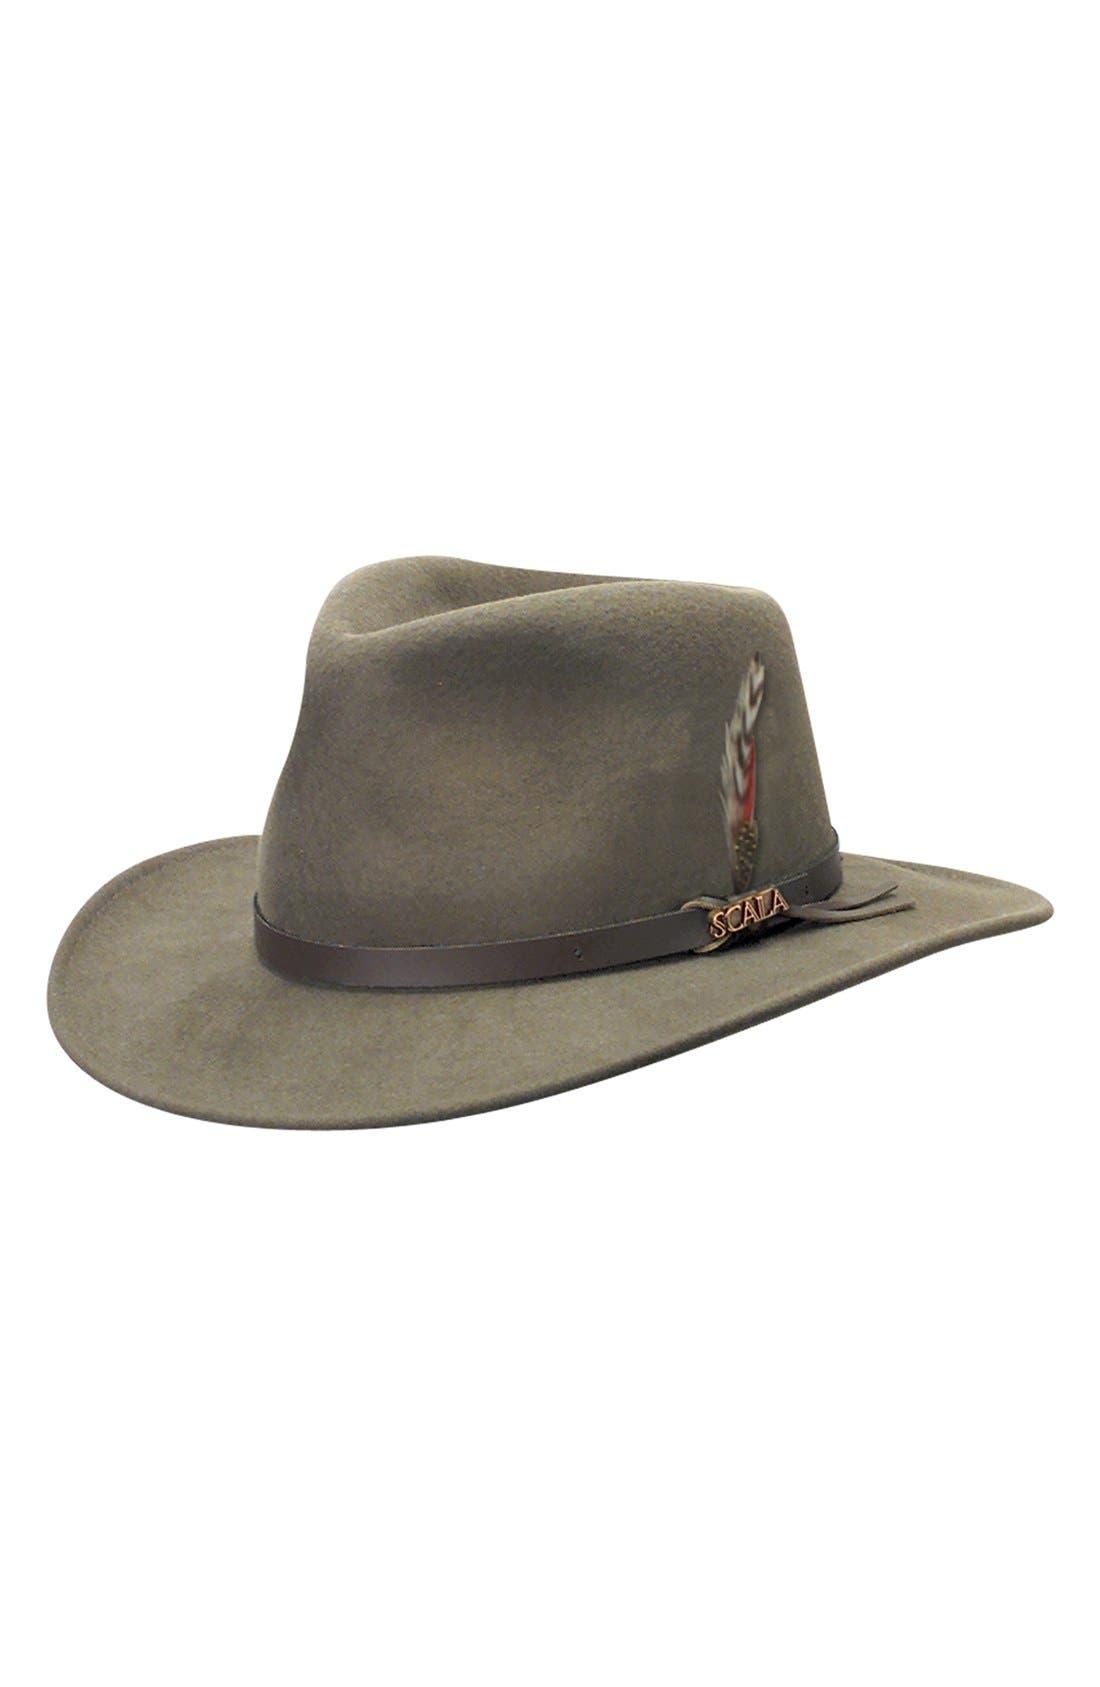 'Classico' Crushable Felt Outback Hat,                         Main,                         color, Khaki